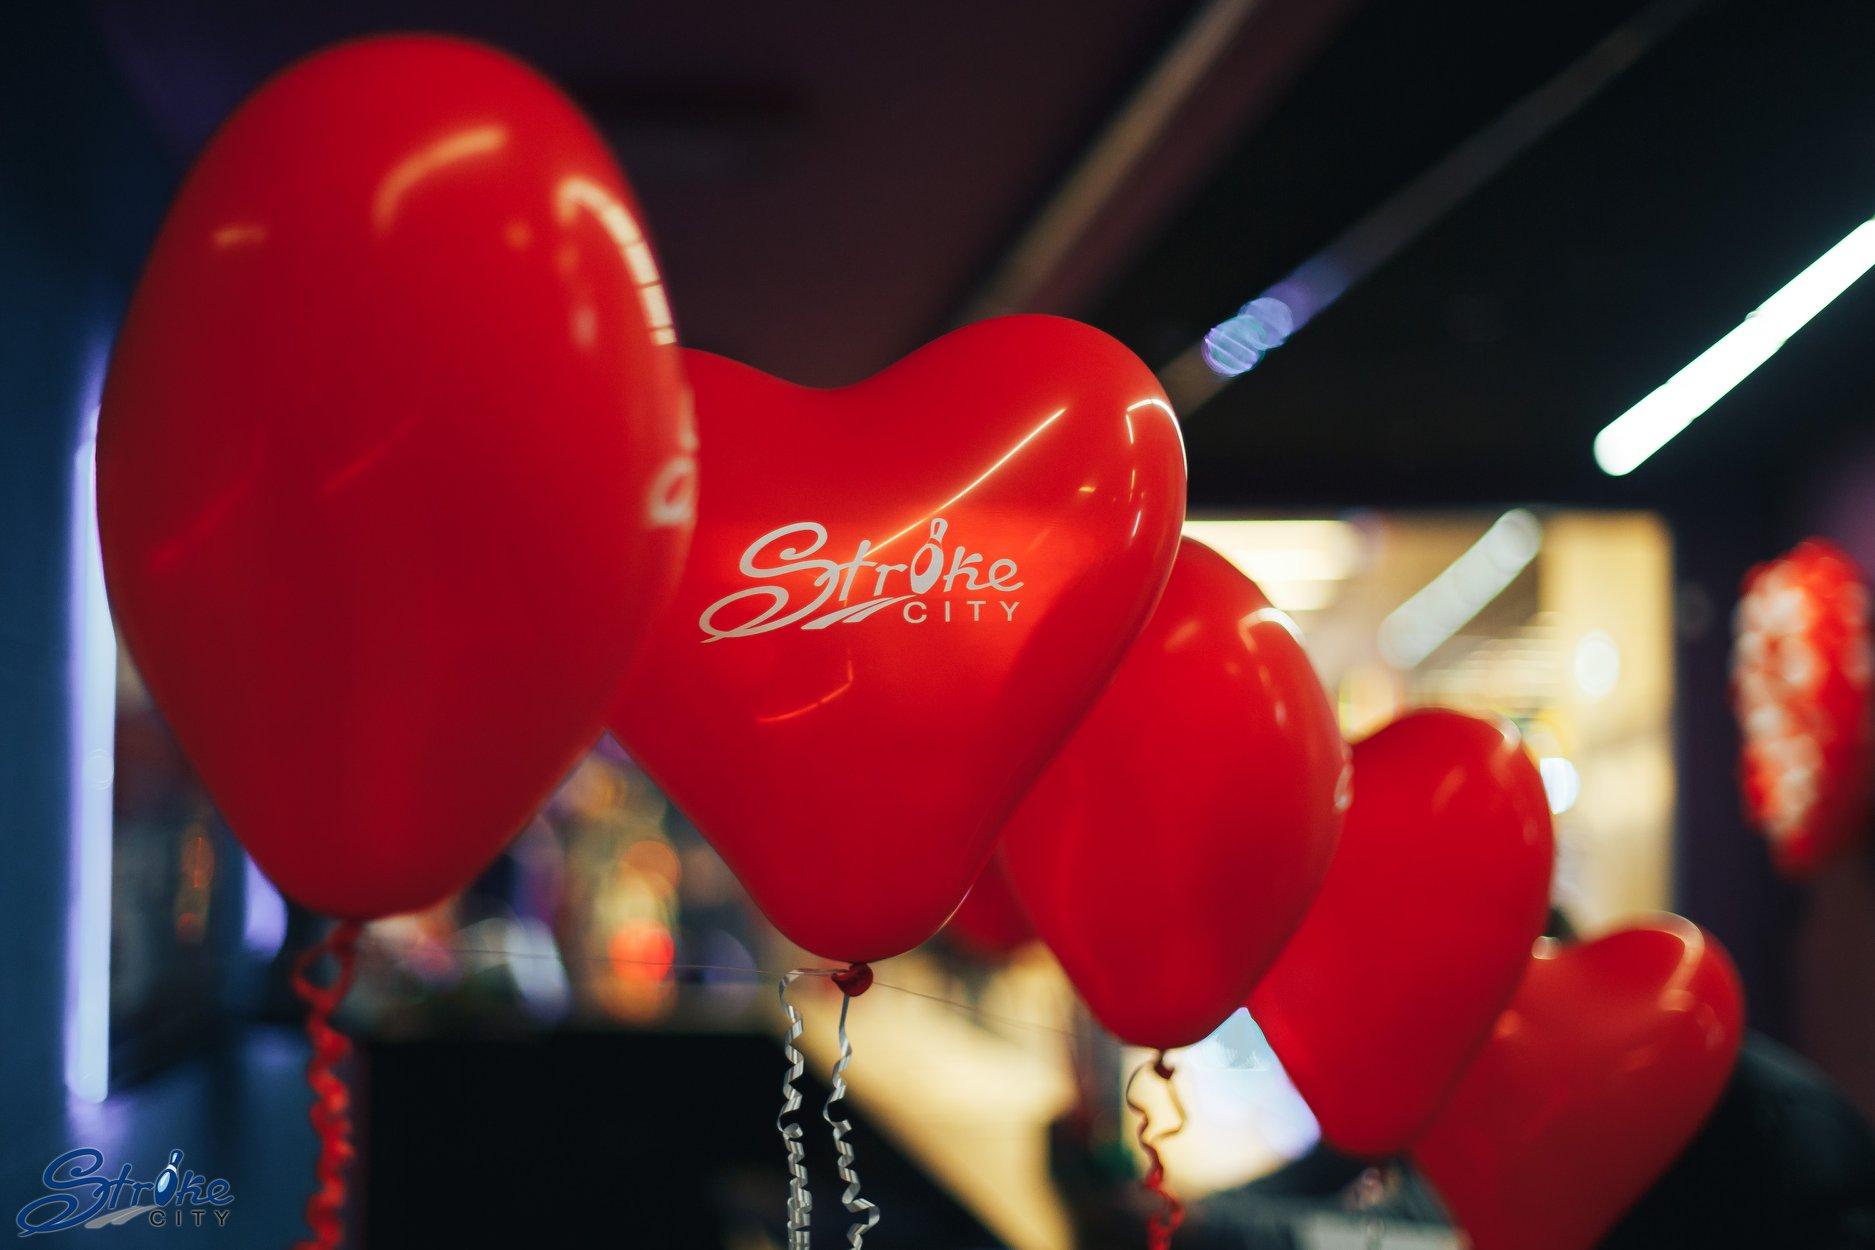 У луцькому боулінг-клубі відбулась вечірка для закоханих. ФОТО